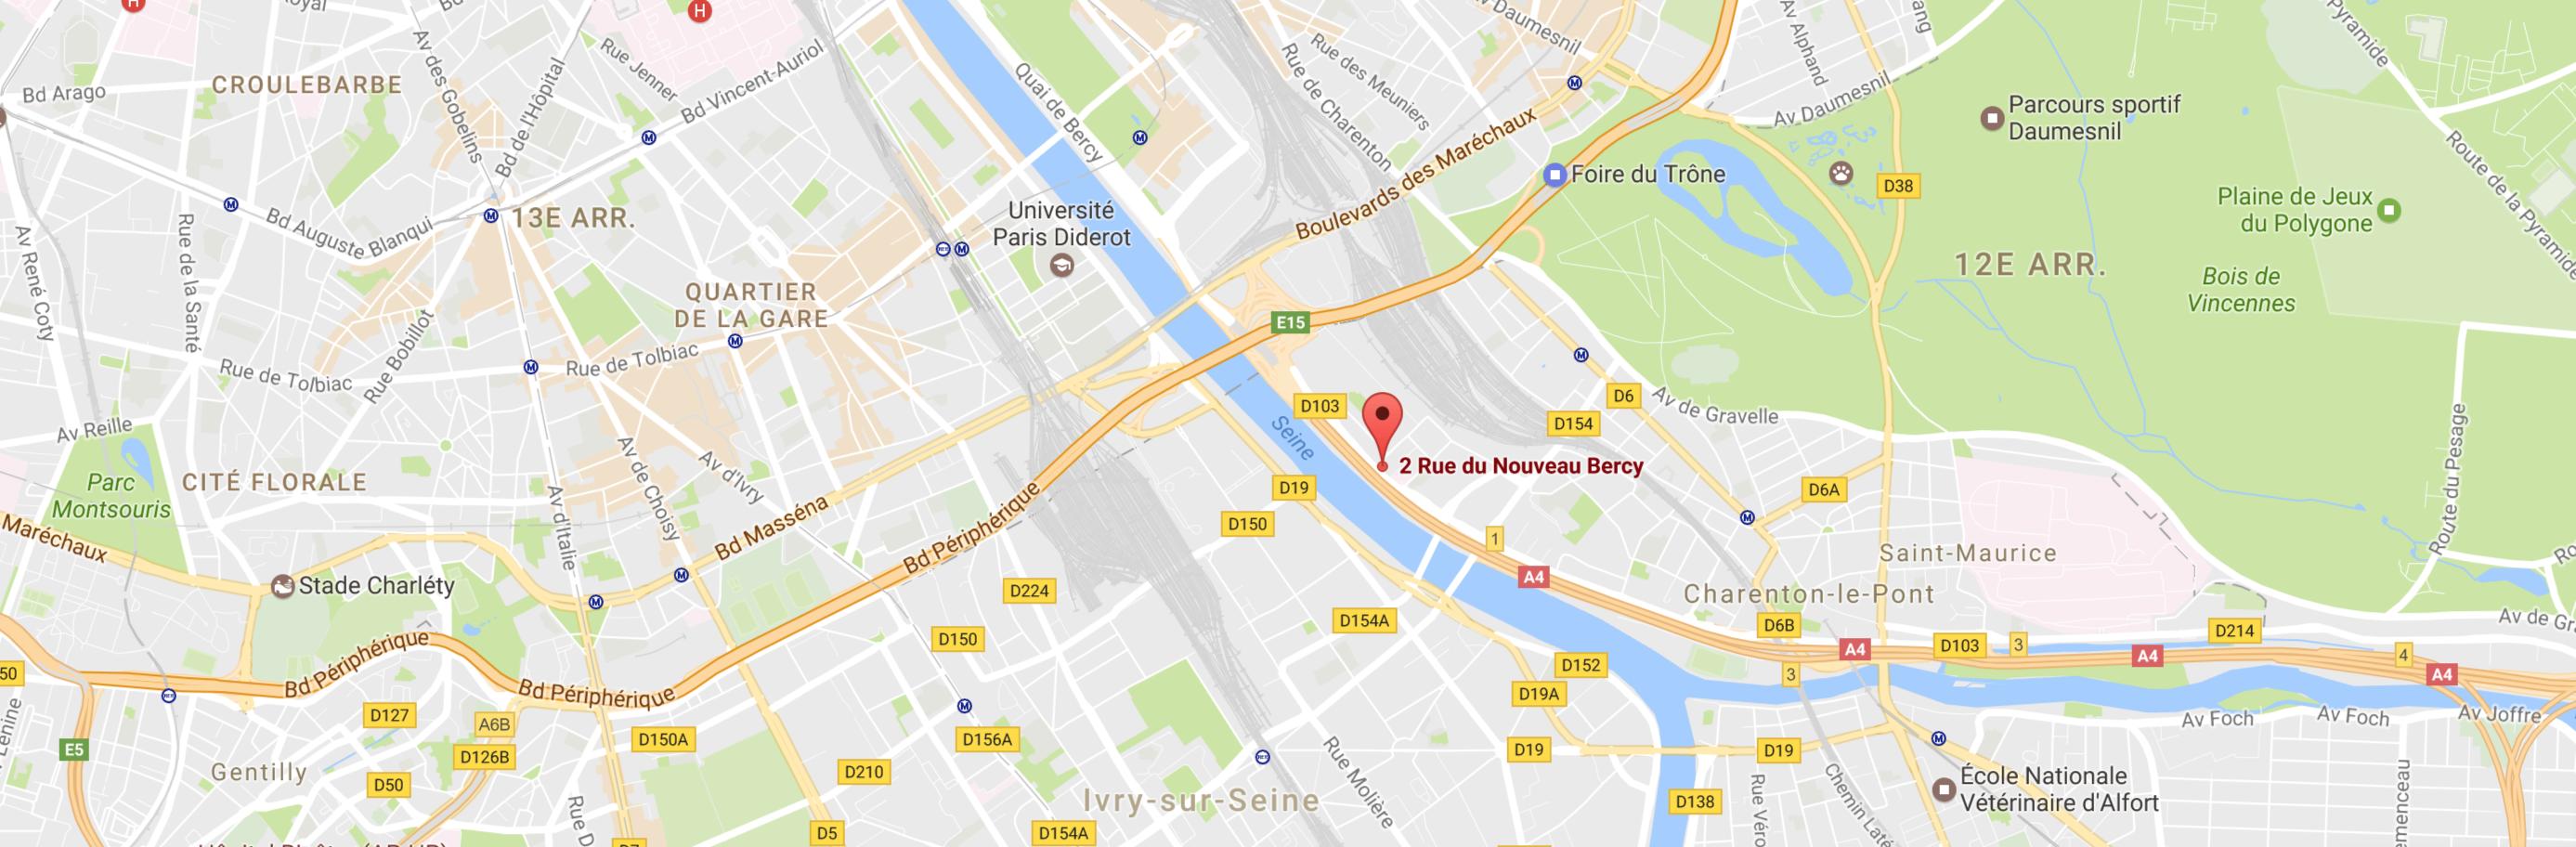 Micro-crèche 2 rue du nouveau Bercy Charenton Le Pont Minilions Carte